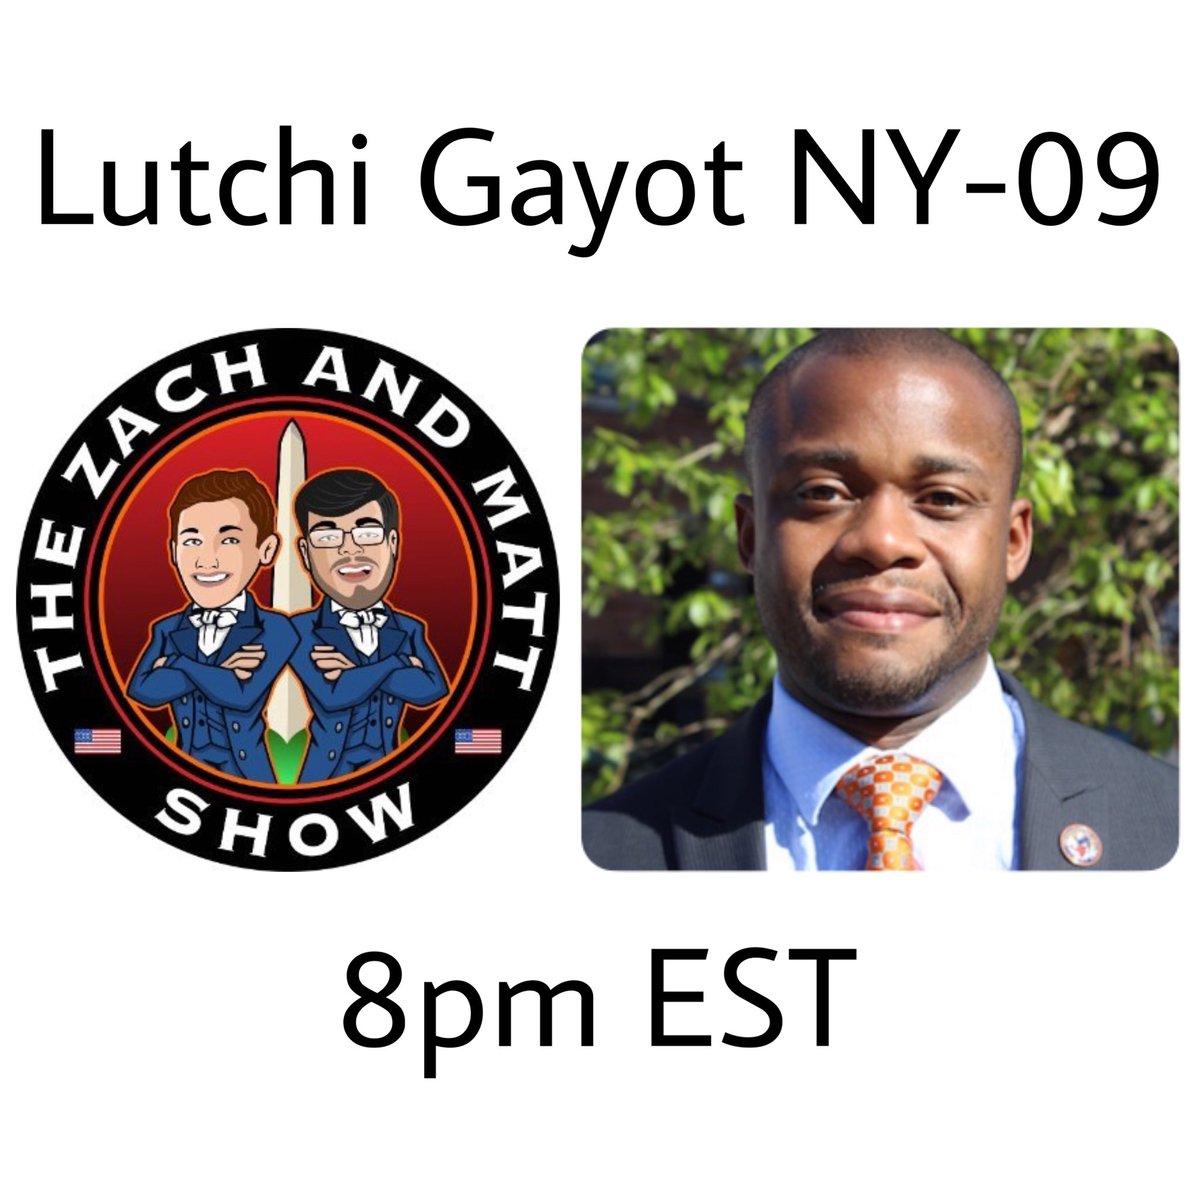 Tune in tonight at 8pm EST for my interview on @ZachandMattShow